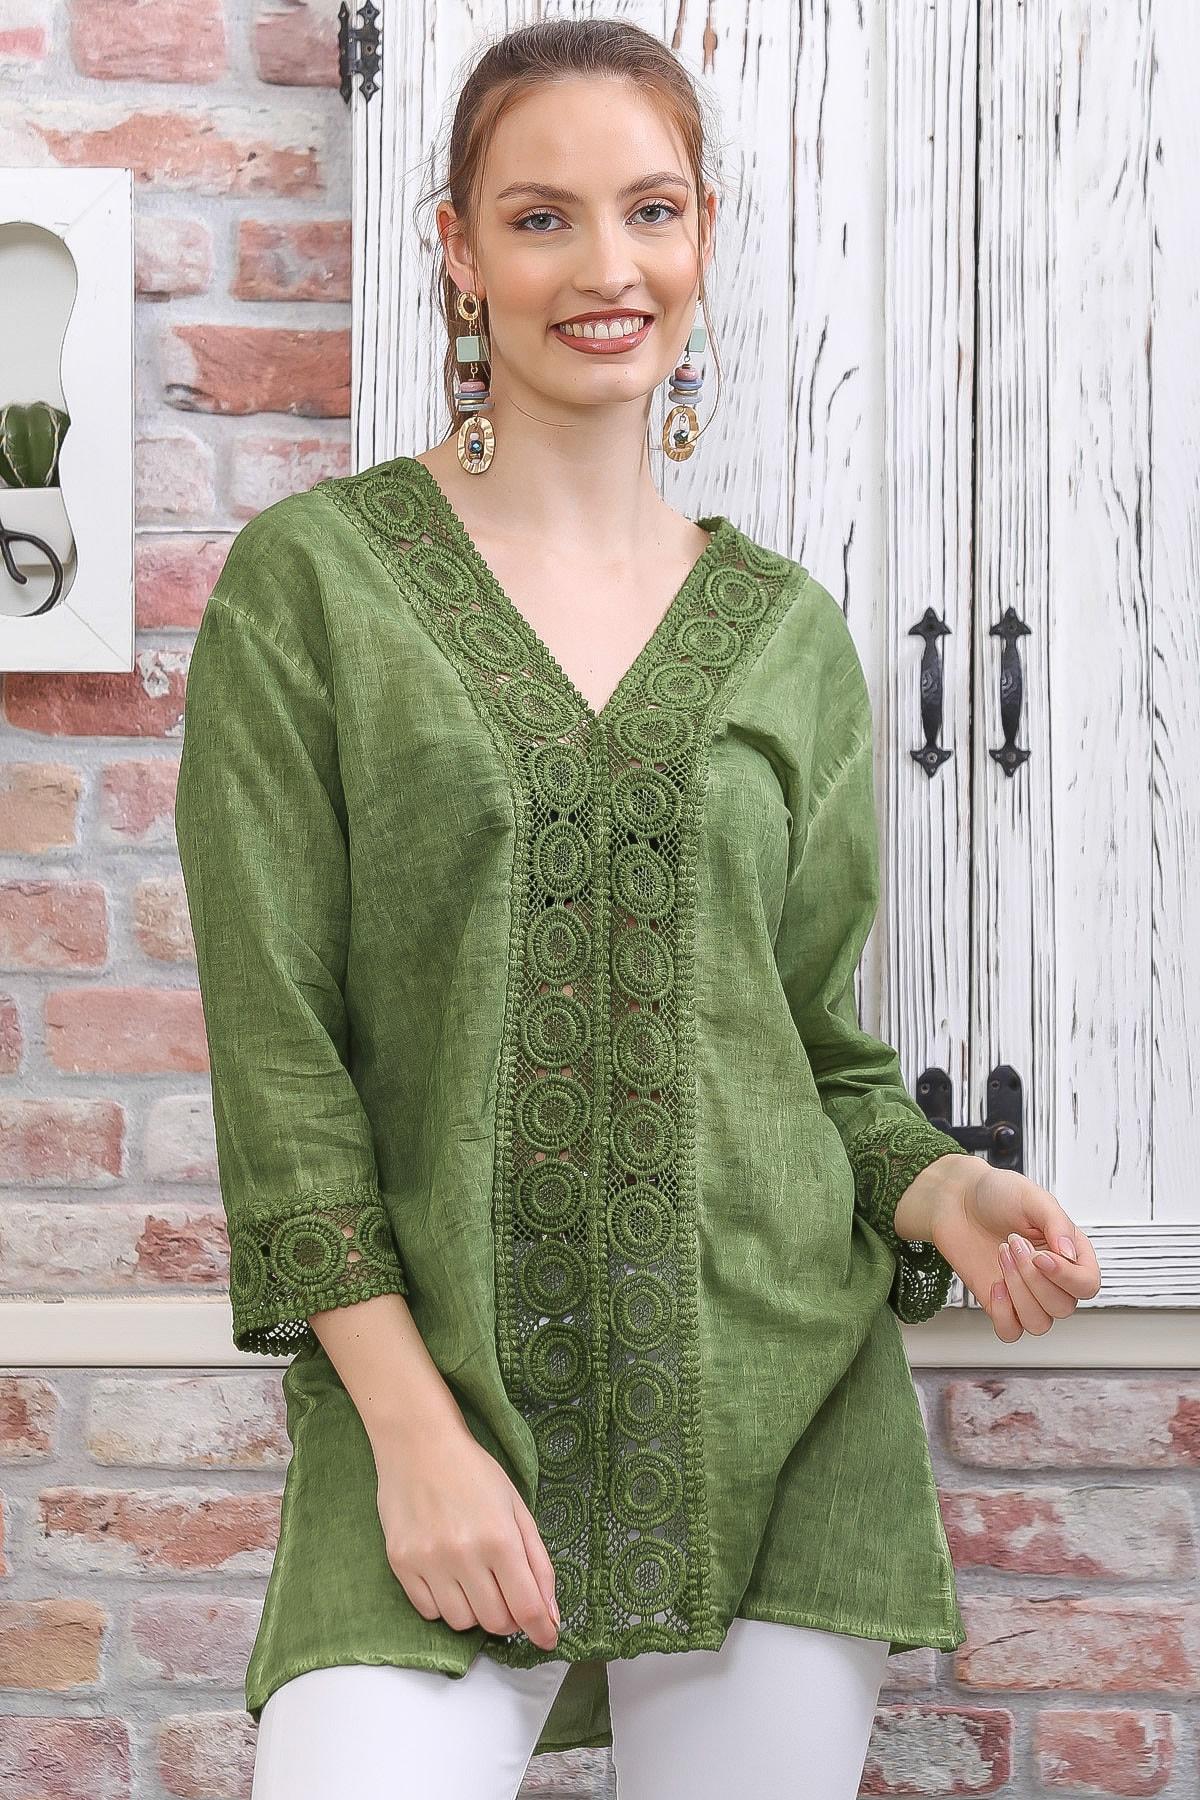 Chiccy Kadın Yeşil Dantel Şerit Detaylı 3/4 Kol Dokuma Bluz M10010200BL95437 0